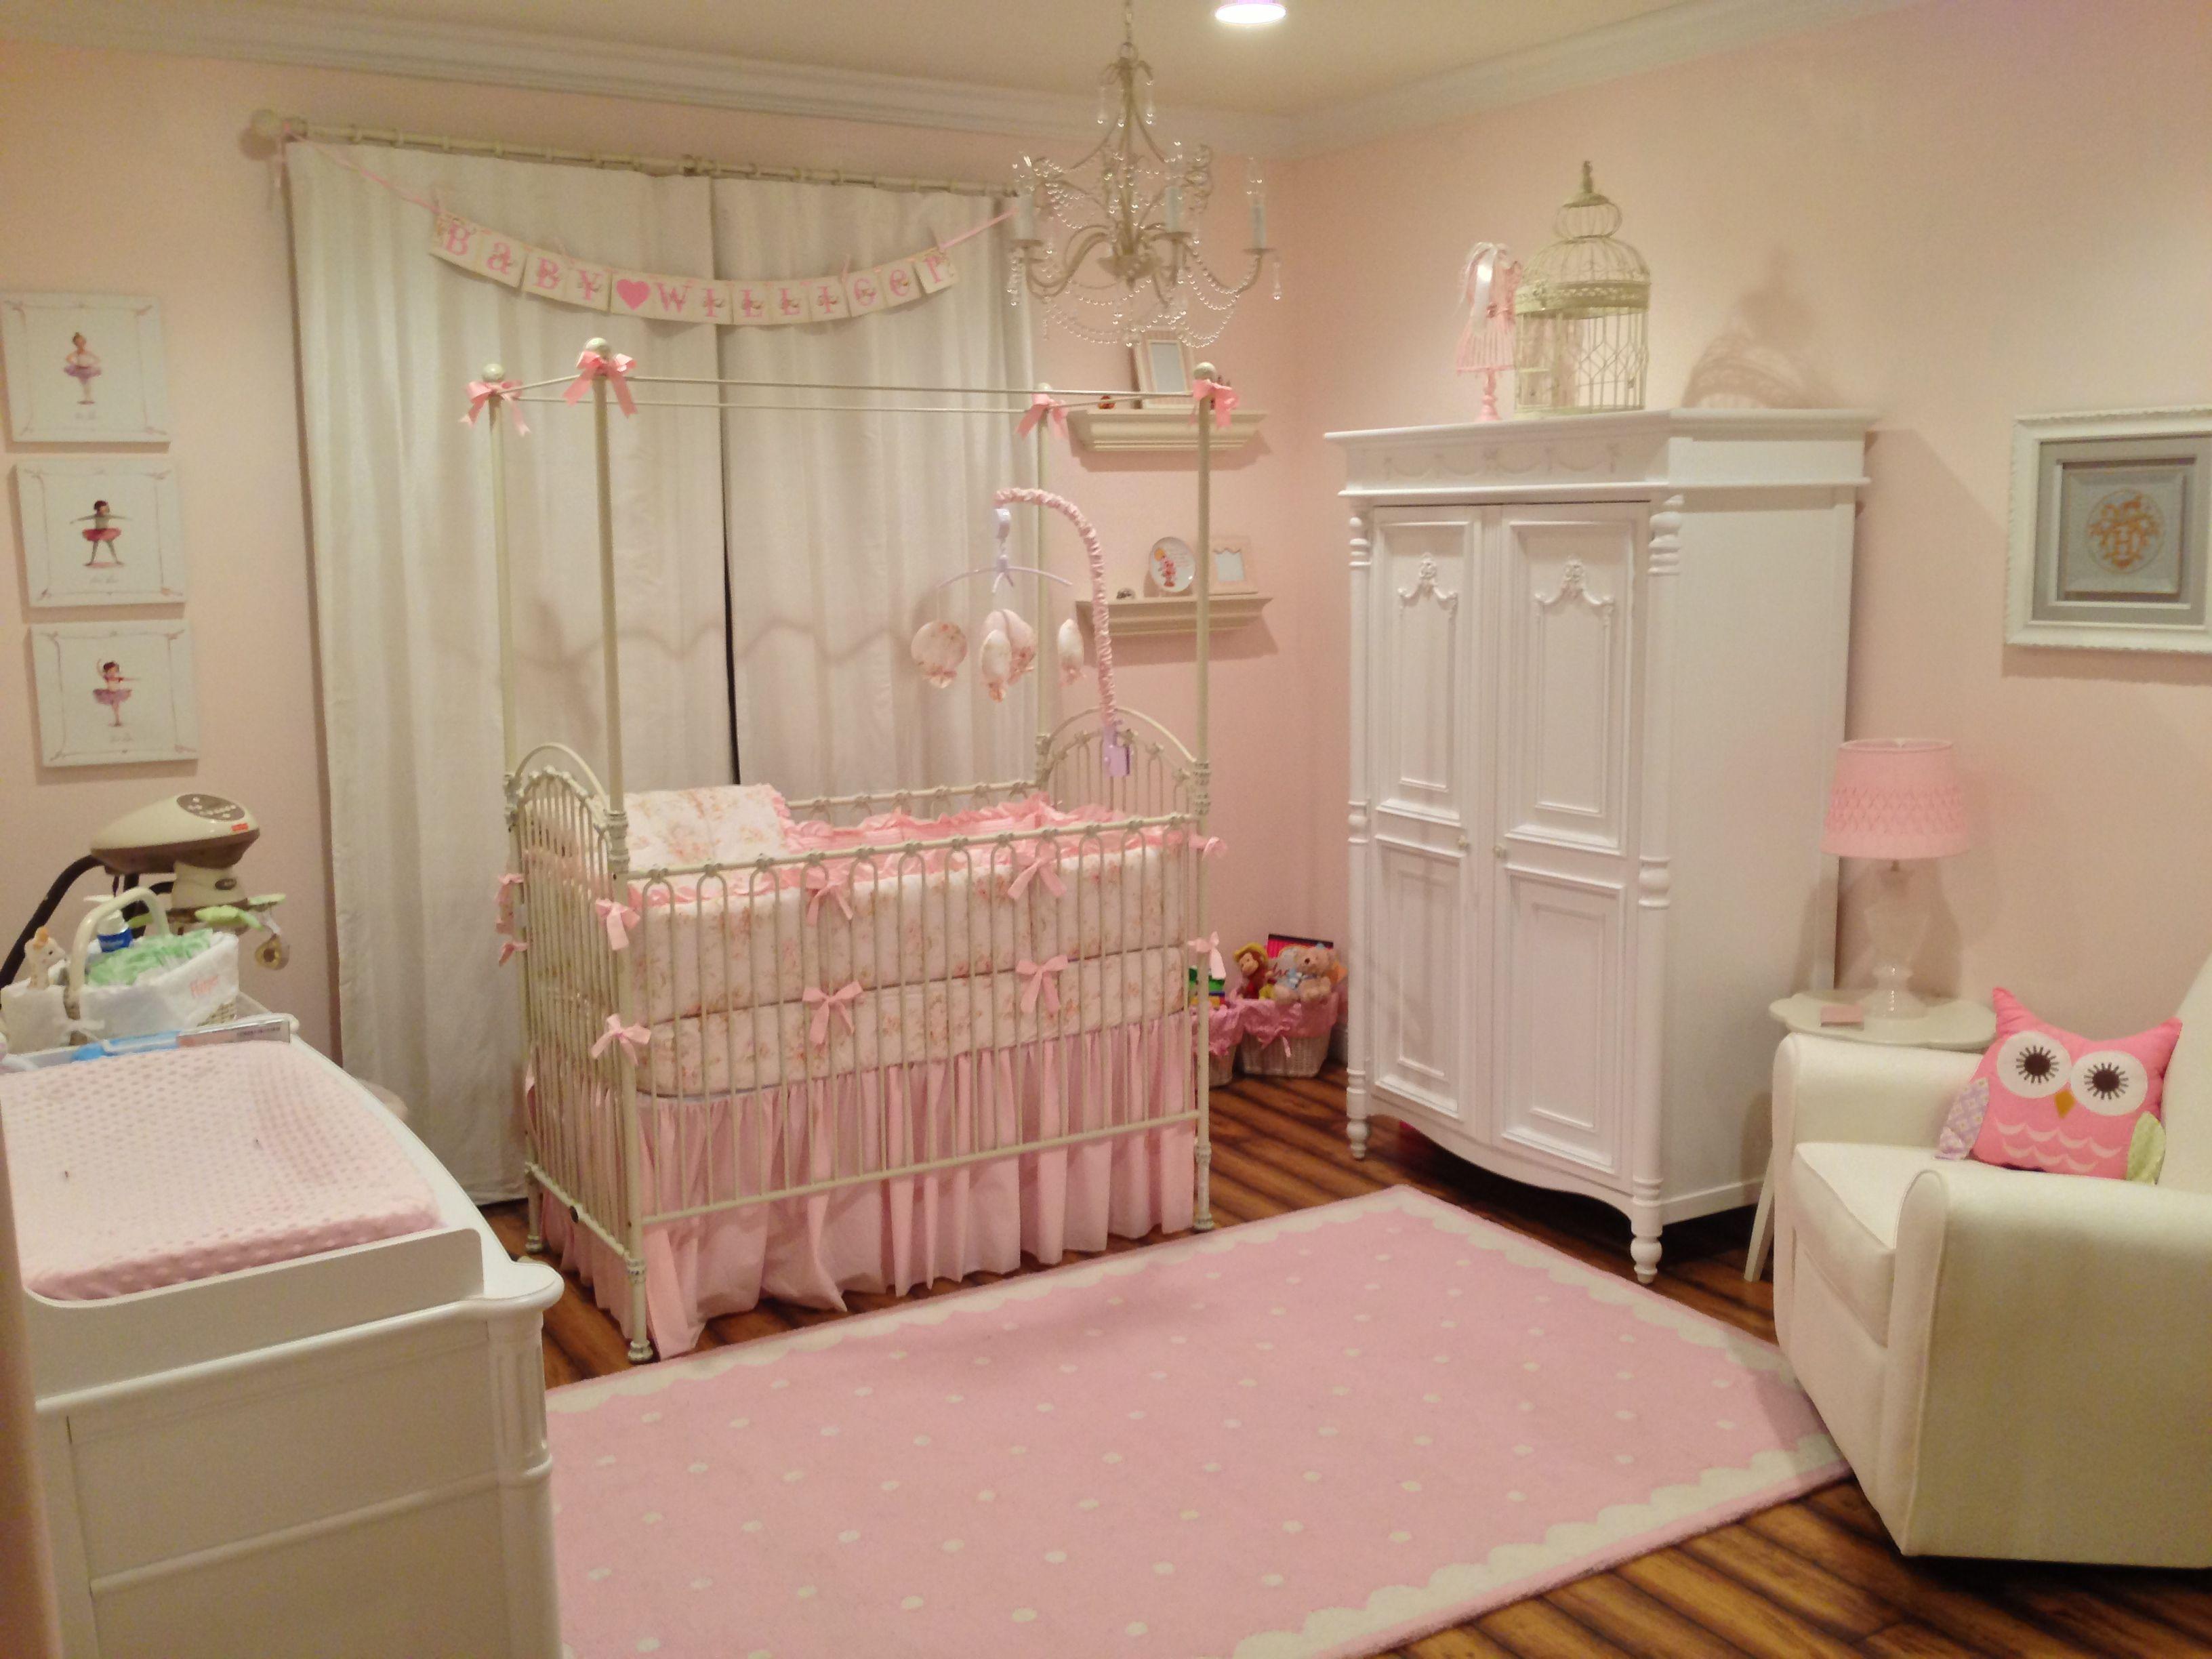 harper barnett's nursery! baby girl nursery. pink and feminine